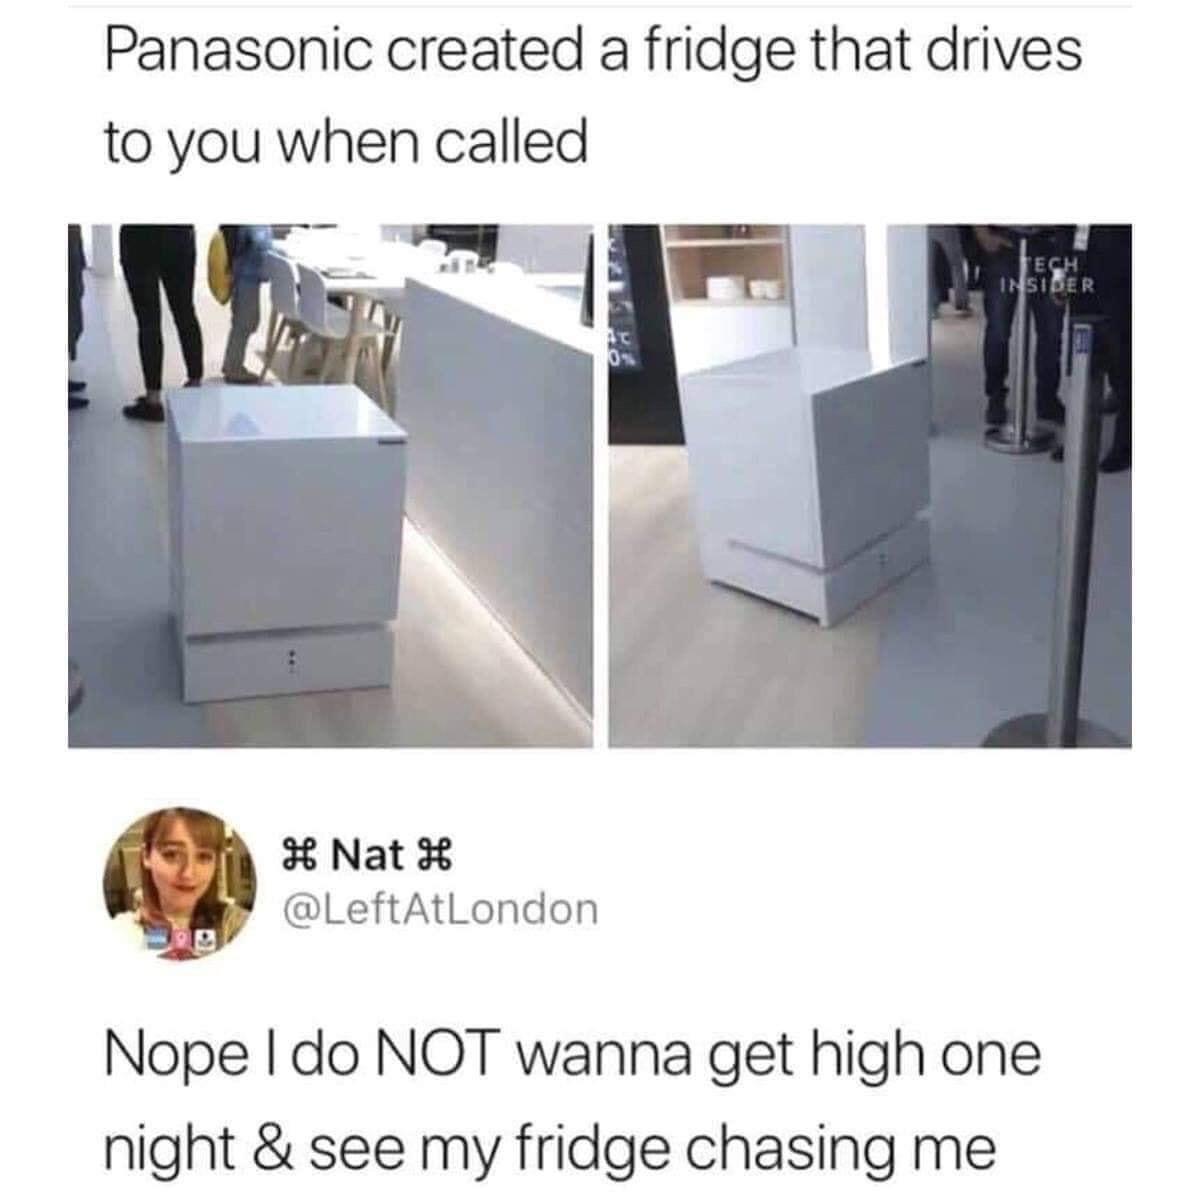 That fridge best stay where it is